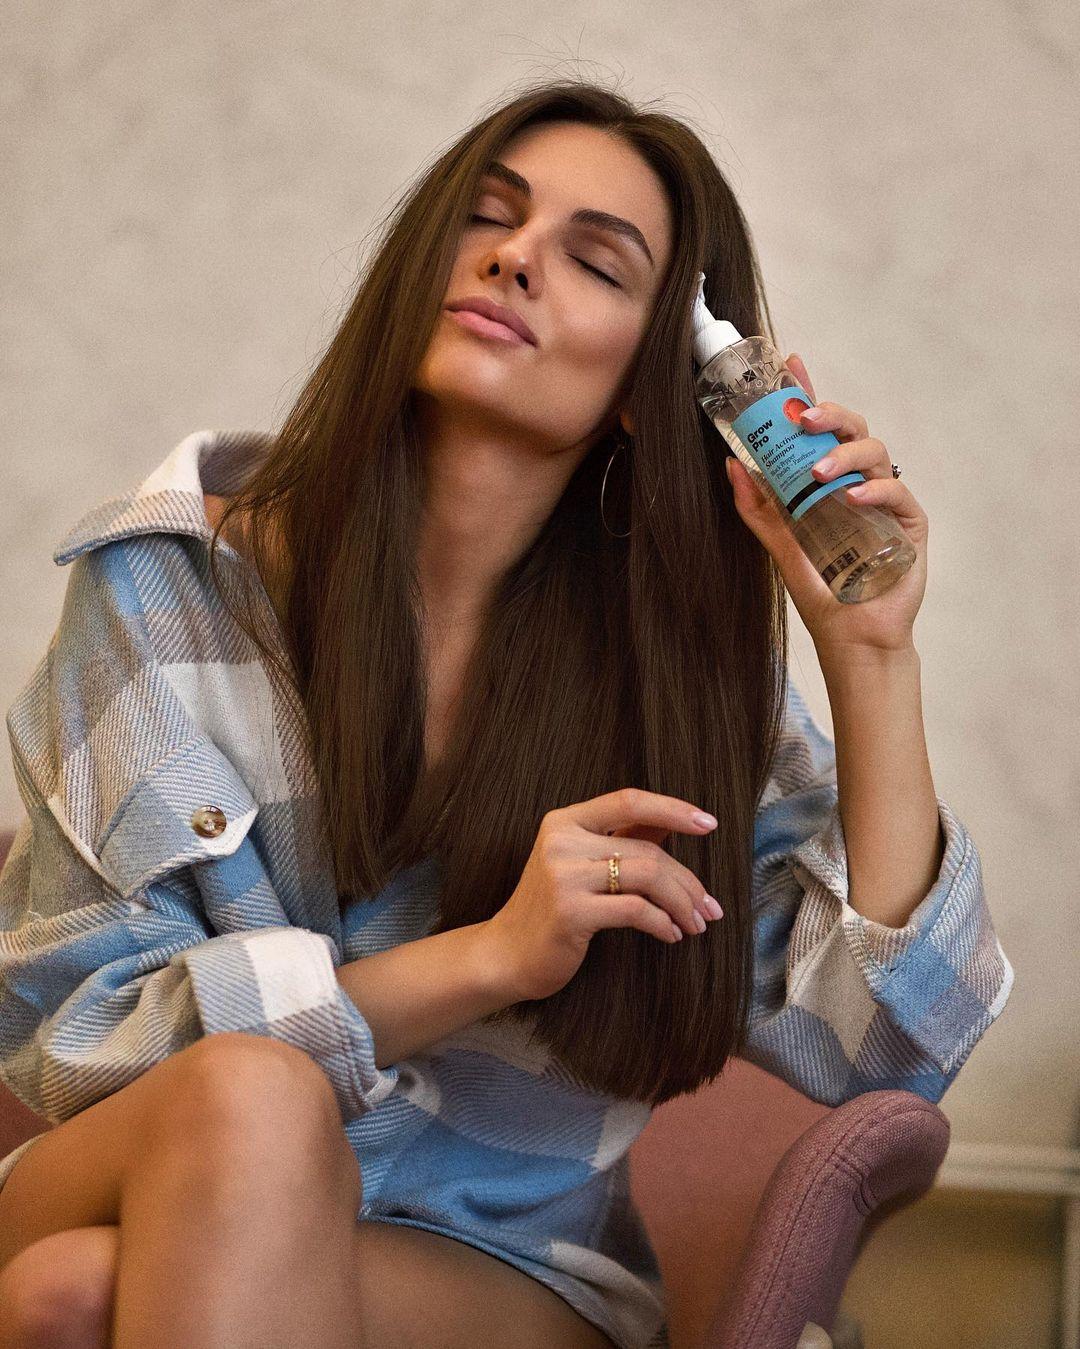 Бальзам для волос: Я не пользуюсь восстанавливающими комплексами для волос круглый год.  Но невозможно ...